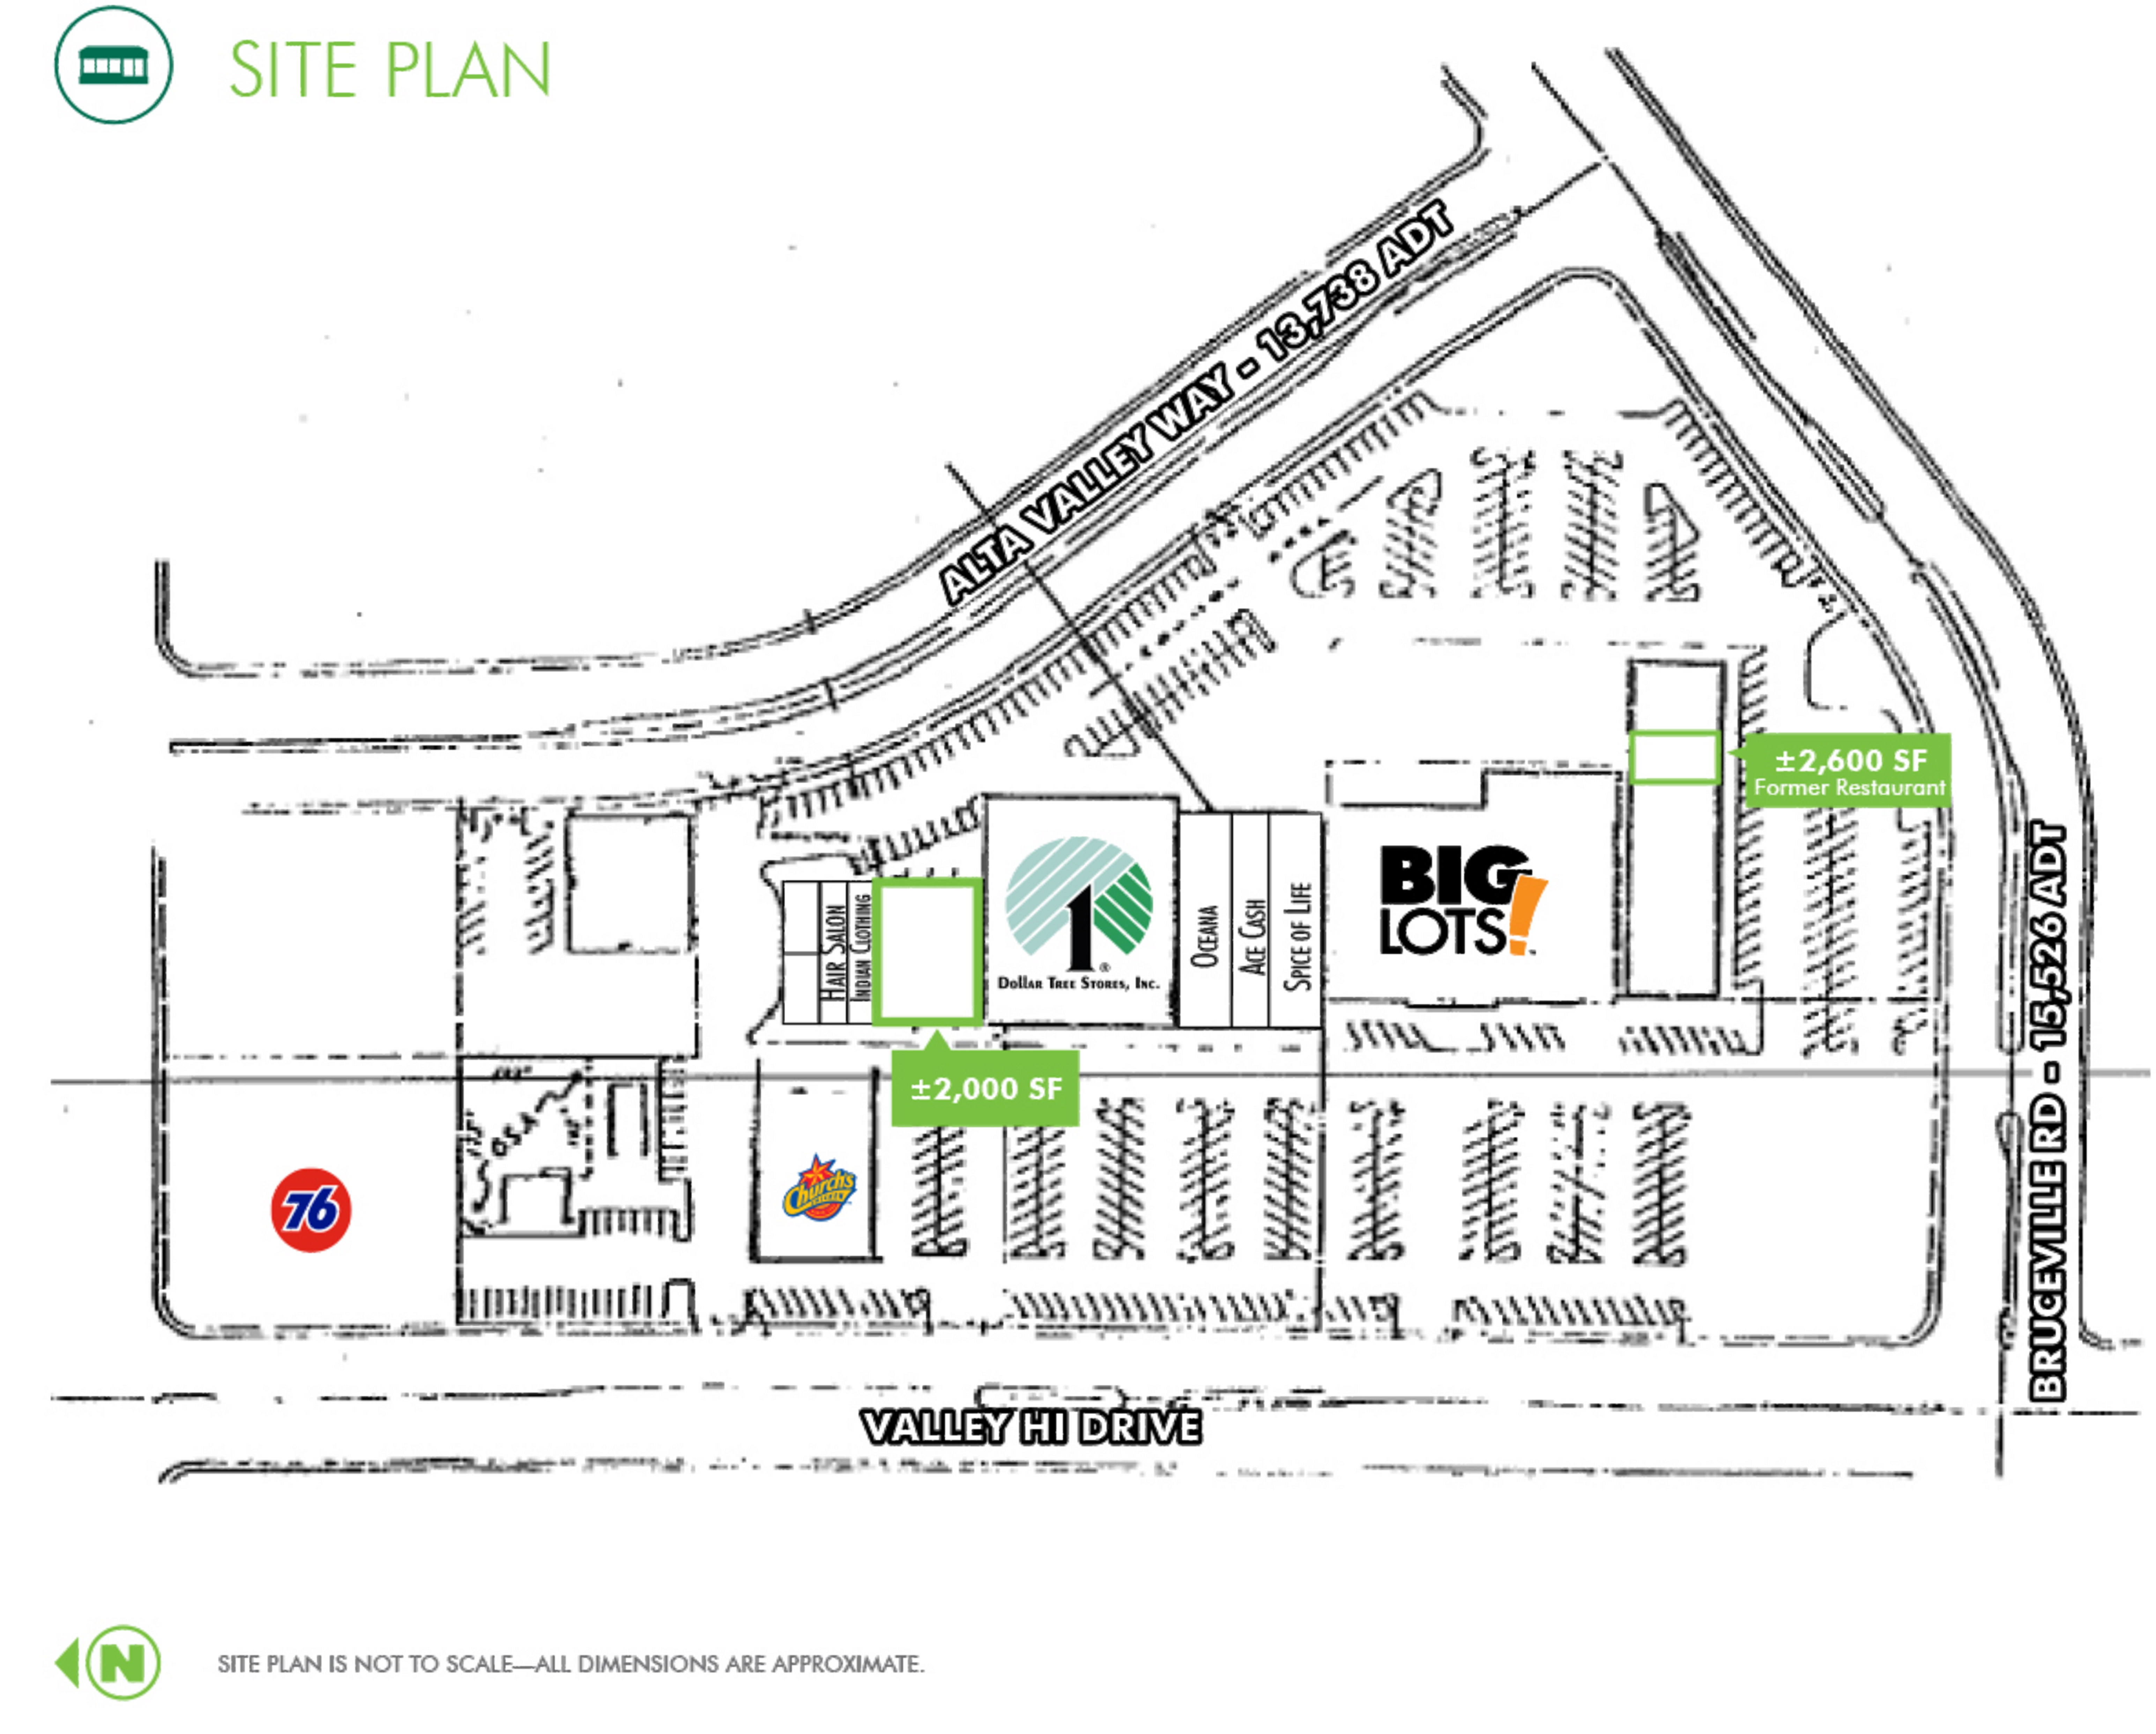 Valley Hi Village: site plan